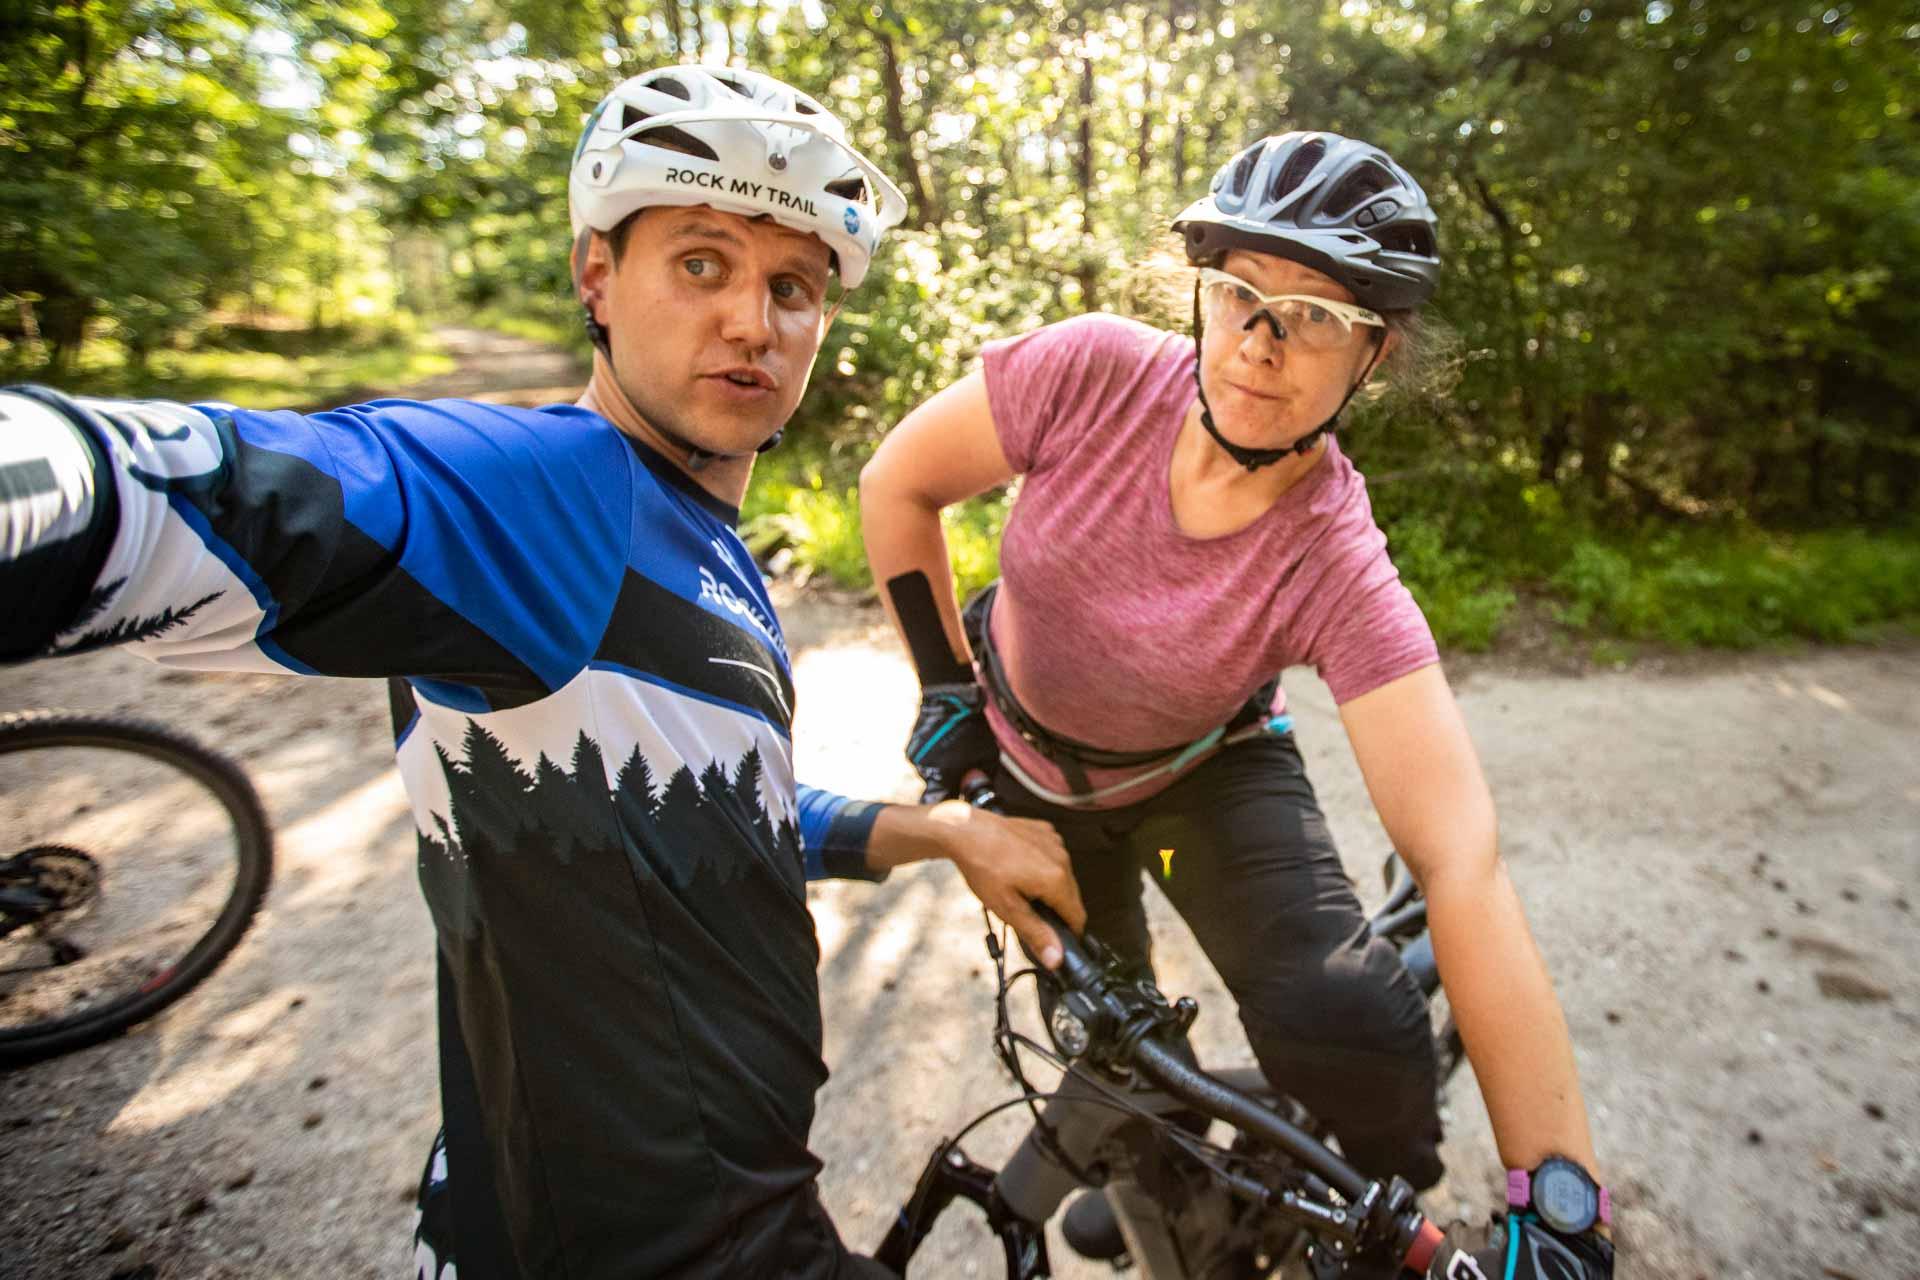 eMTB Fortgeschritten Fahrtechnik Kurs in Bad Orb Spessart - Rock my Trail Bikeschule - 13